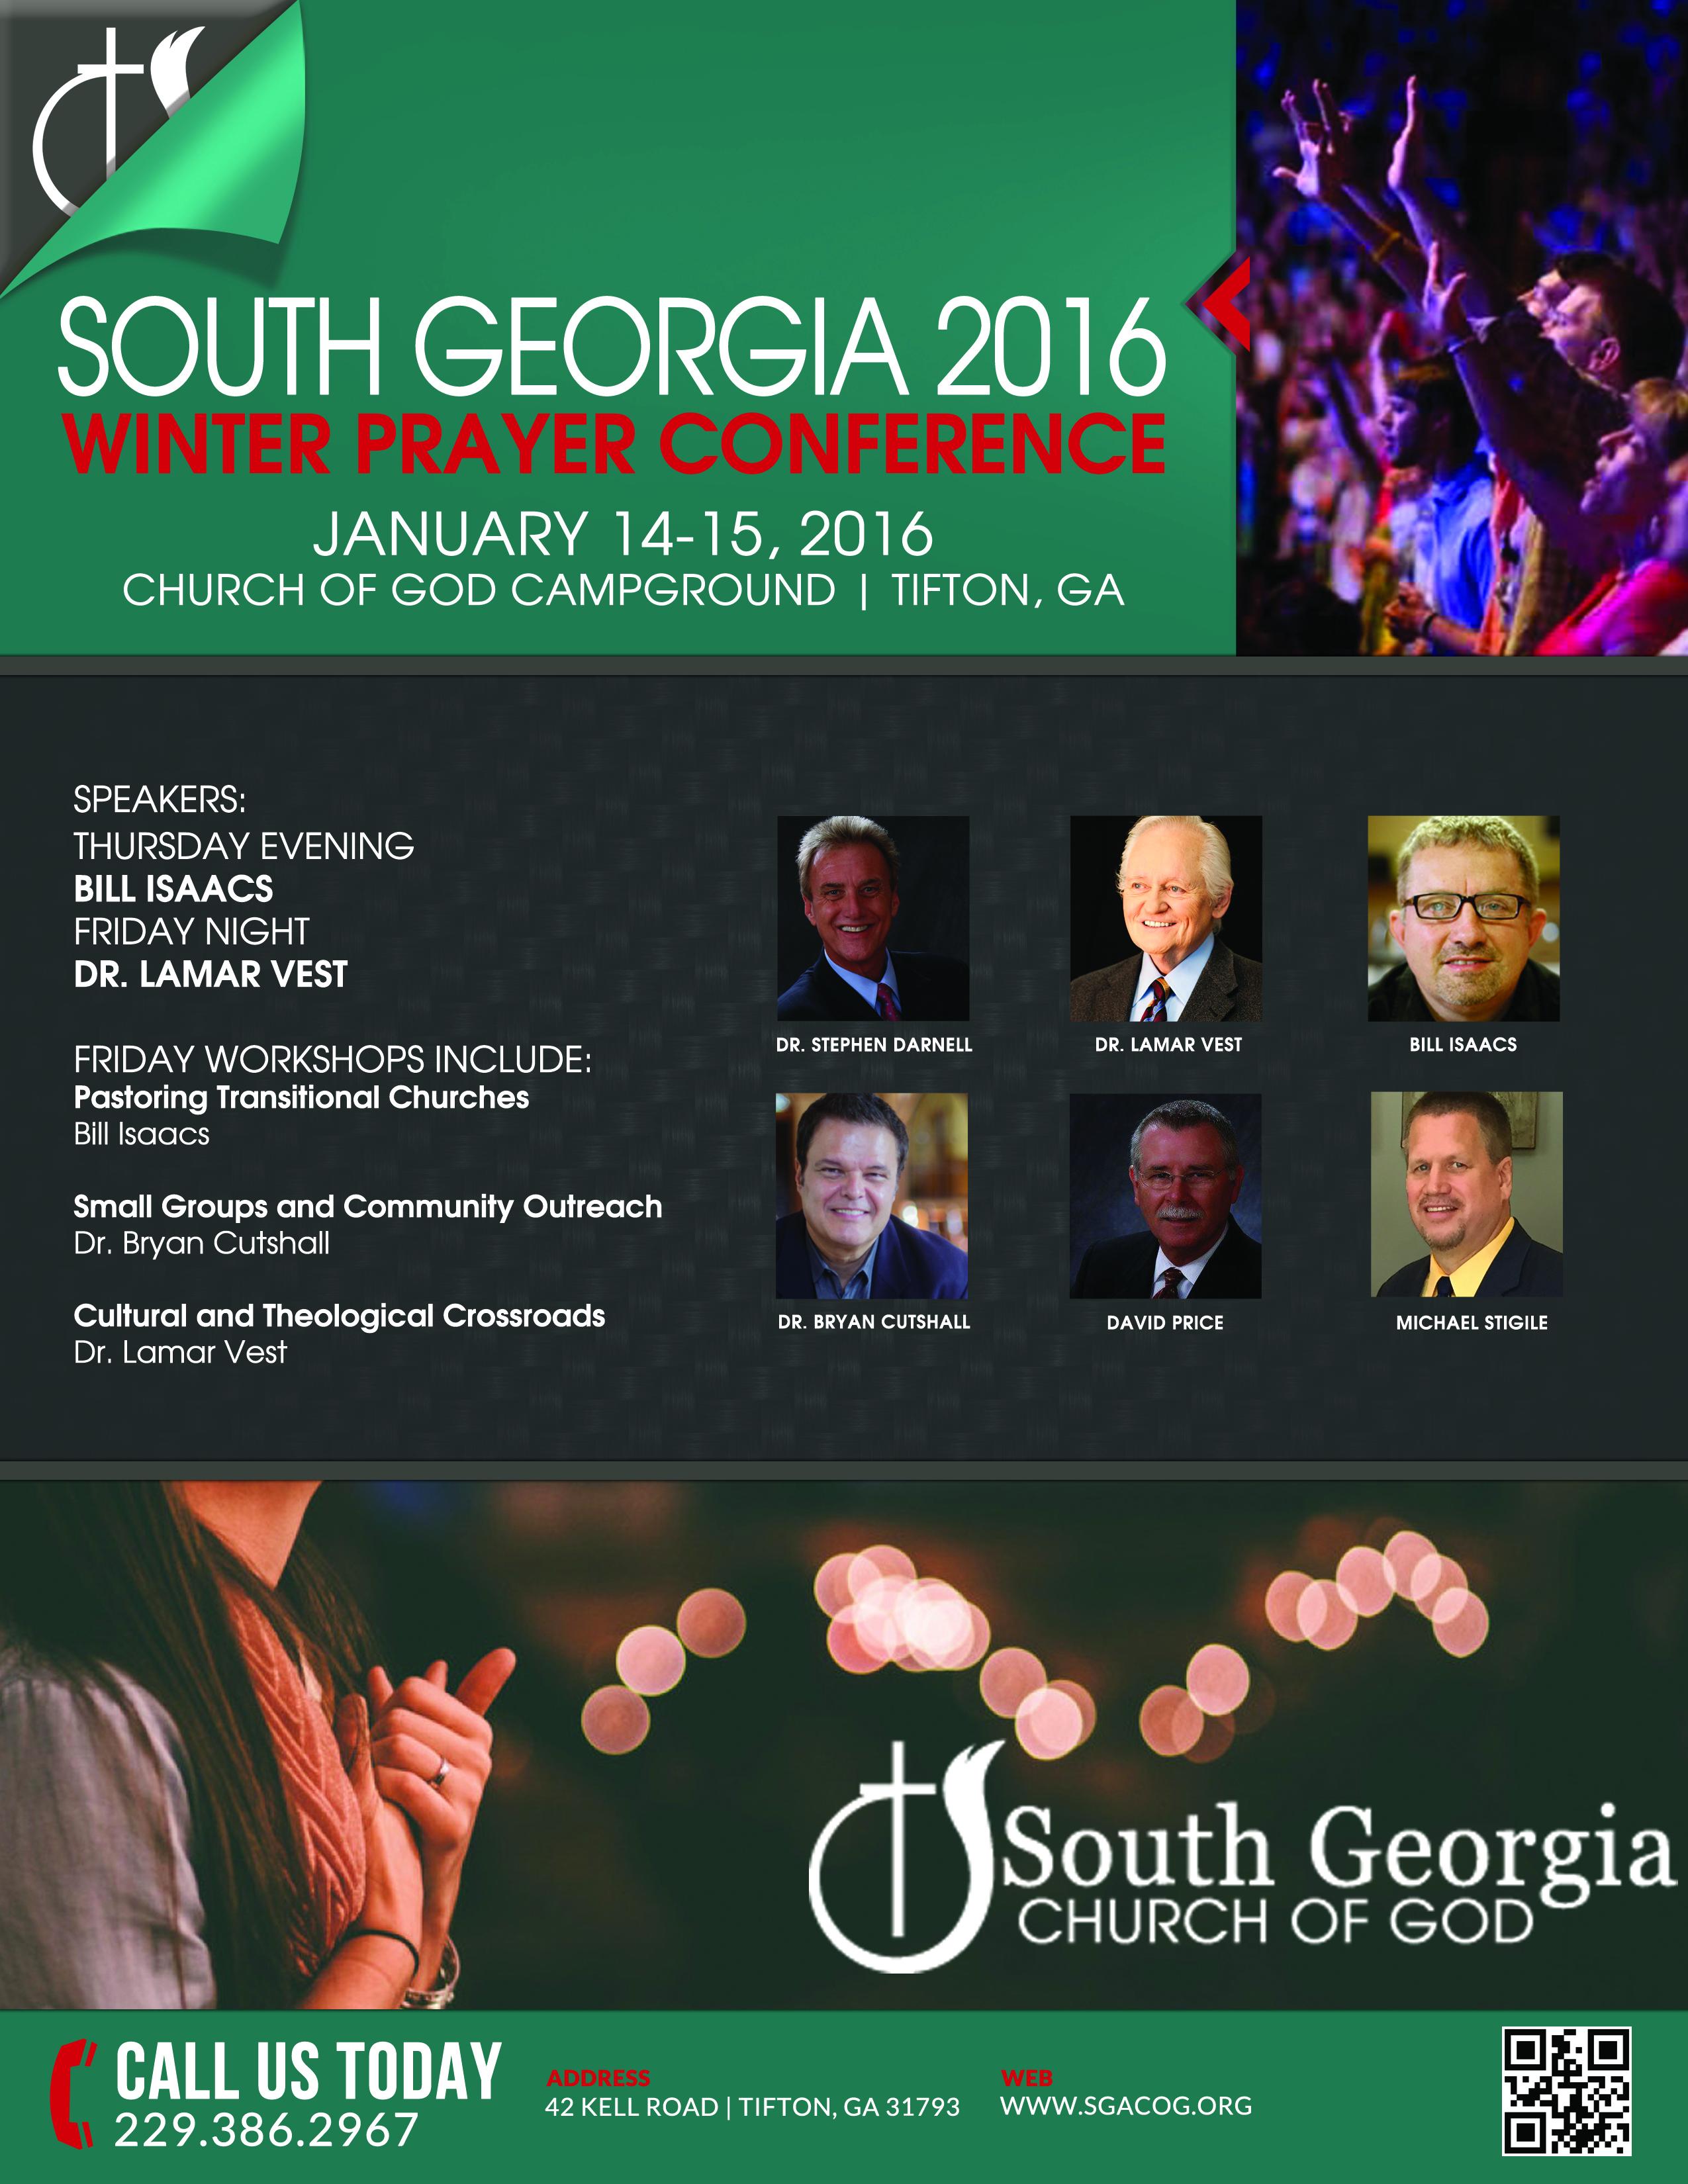 SGA_Winter_Prayer_Conference_2016